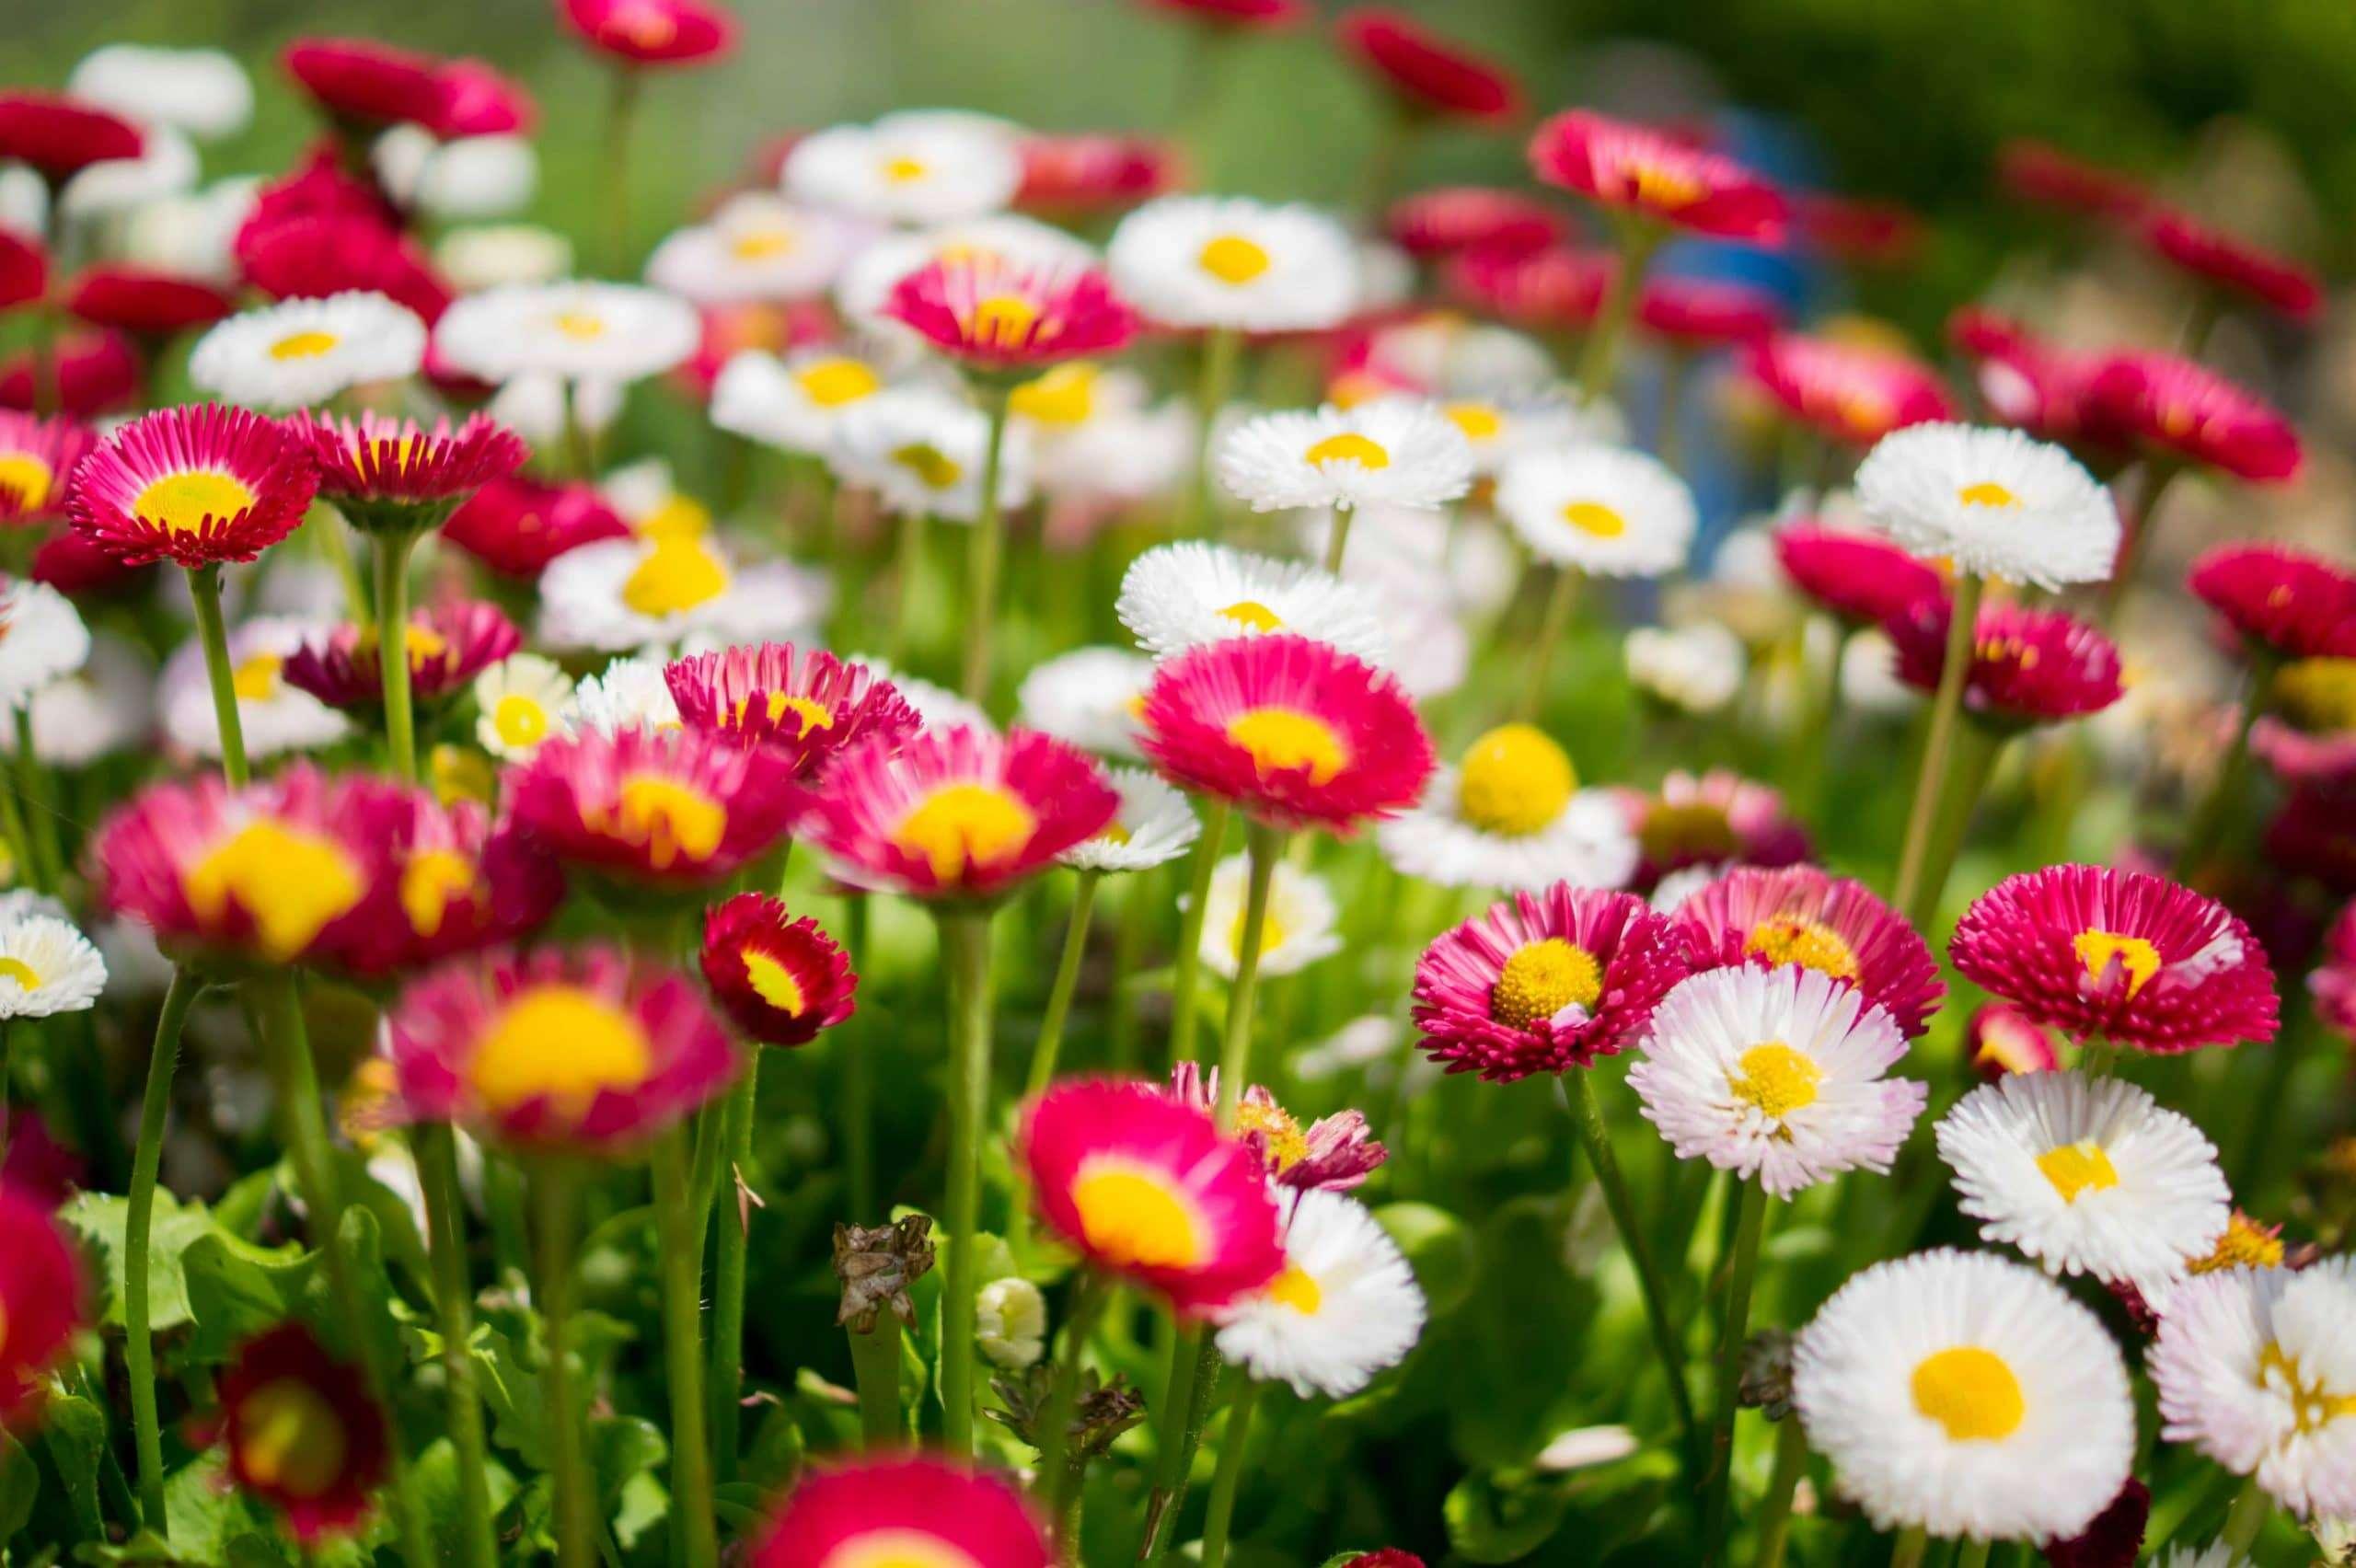 Immagini belle di fiori 47 foto sfondi hd for Foto hd desktop